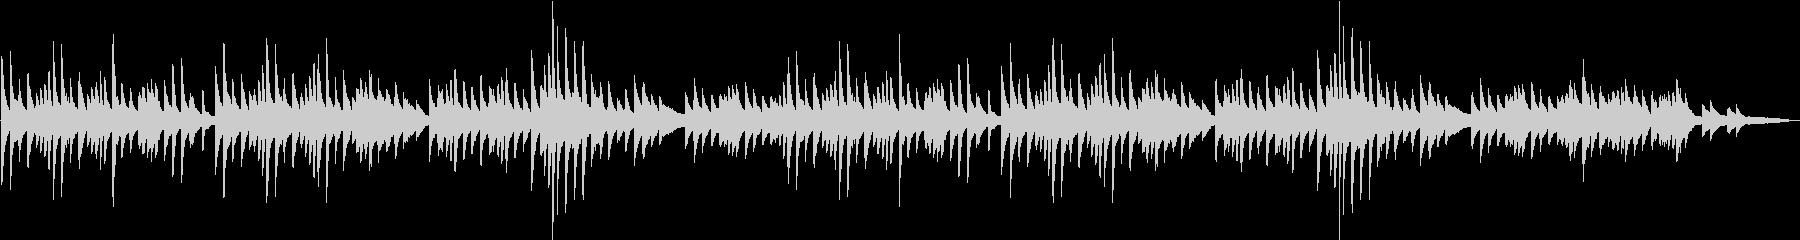 ゆったり3拍子フワフワ浮遊感ピアノBGMの未再生の波形